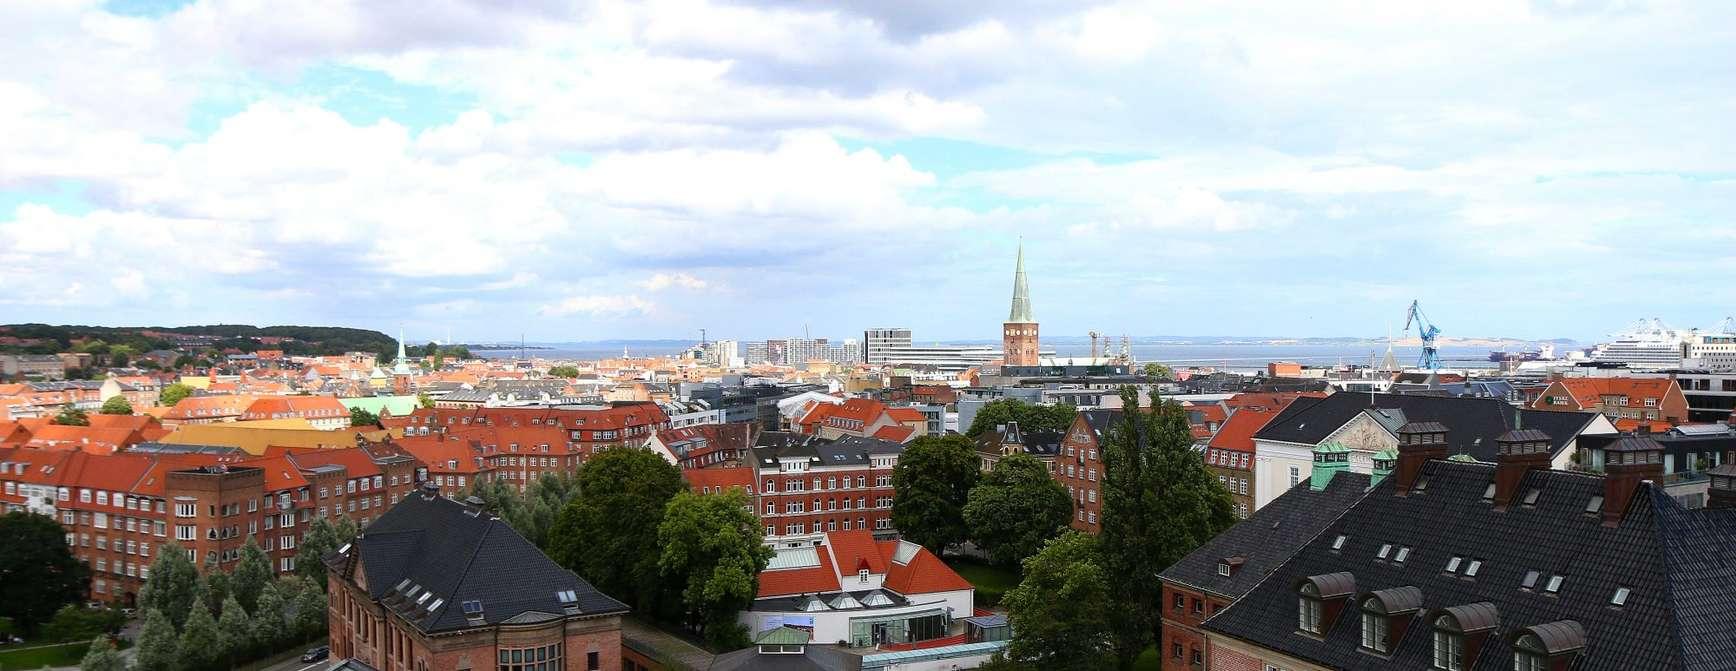 Et skue over Aarhus fra et av byens mange tak